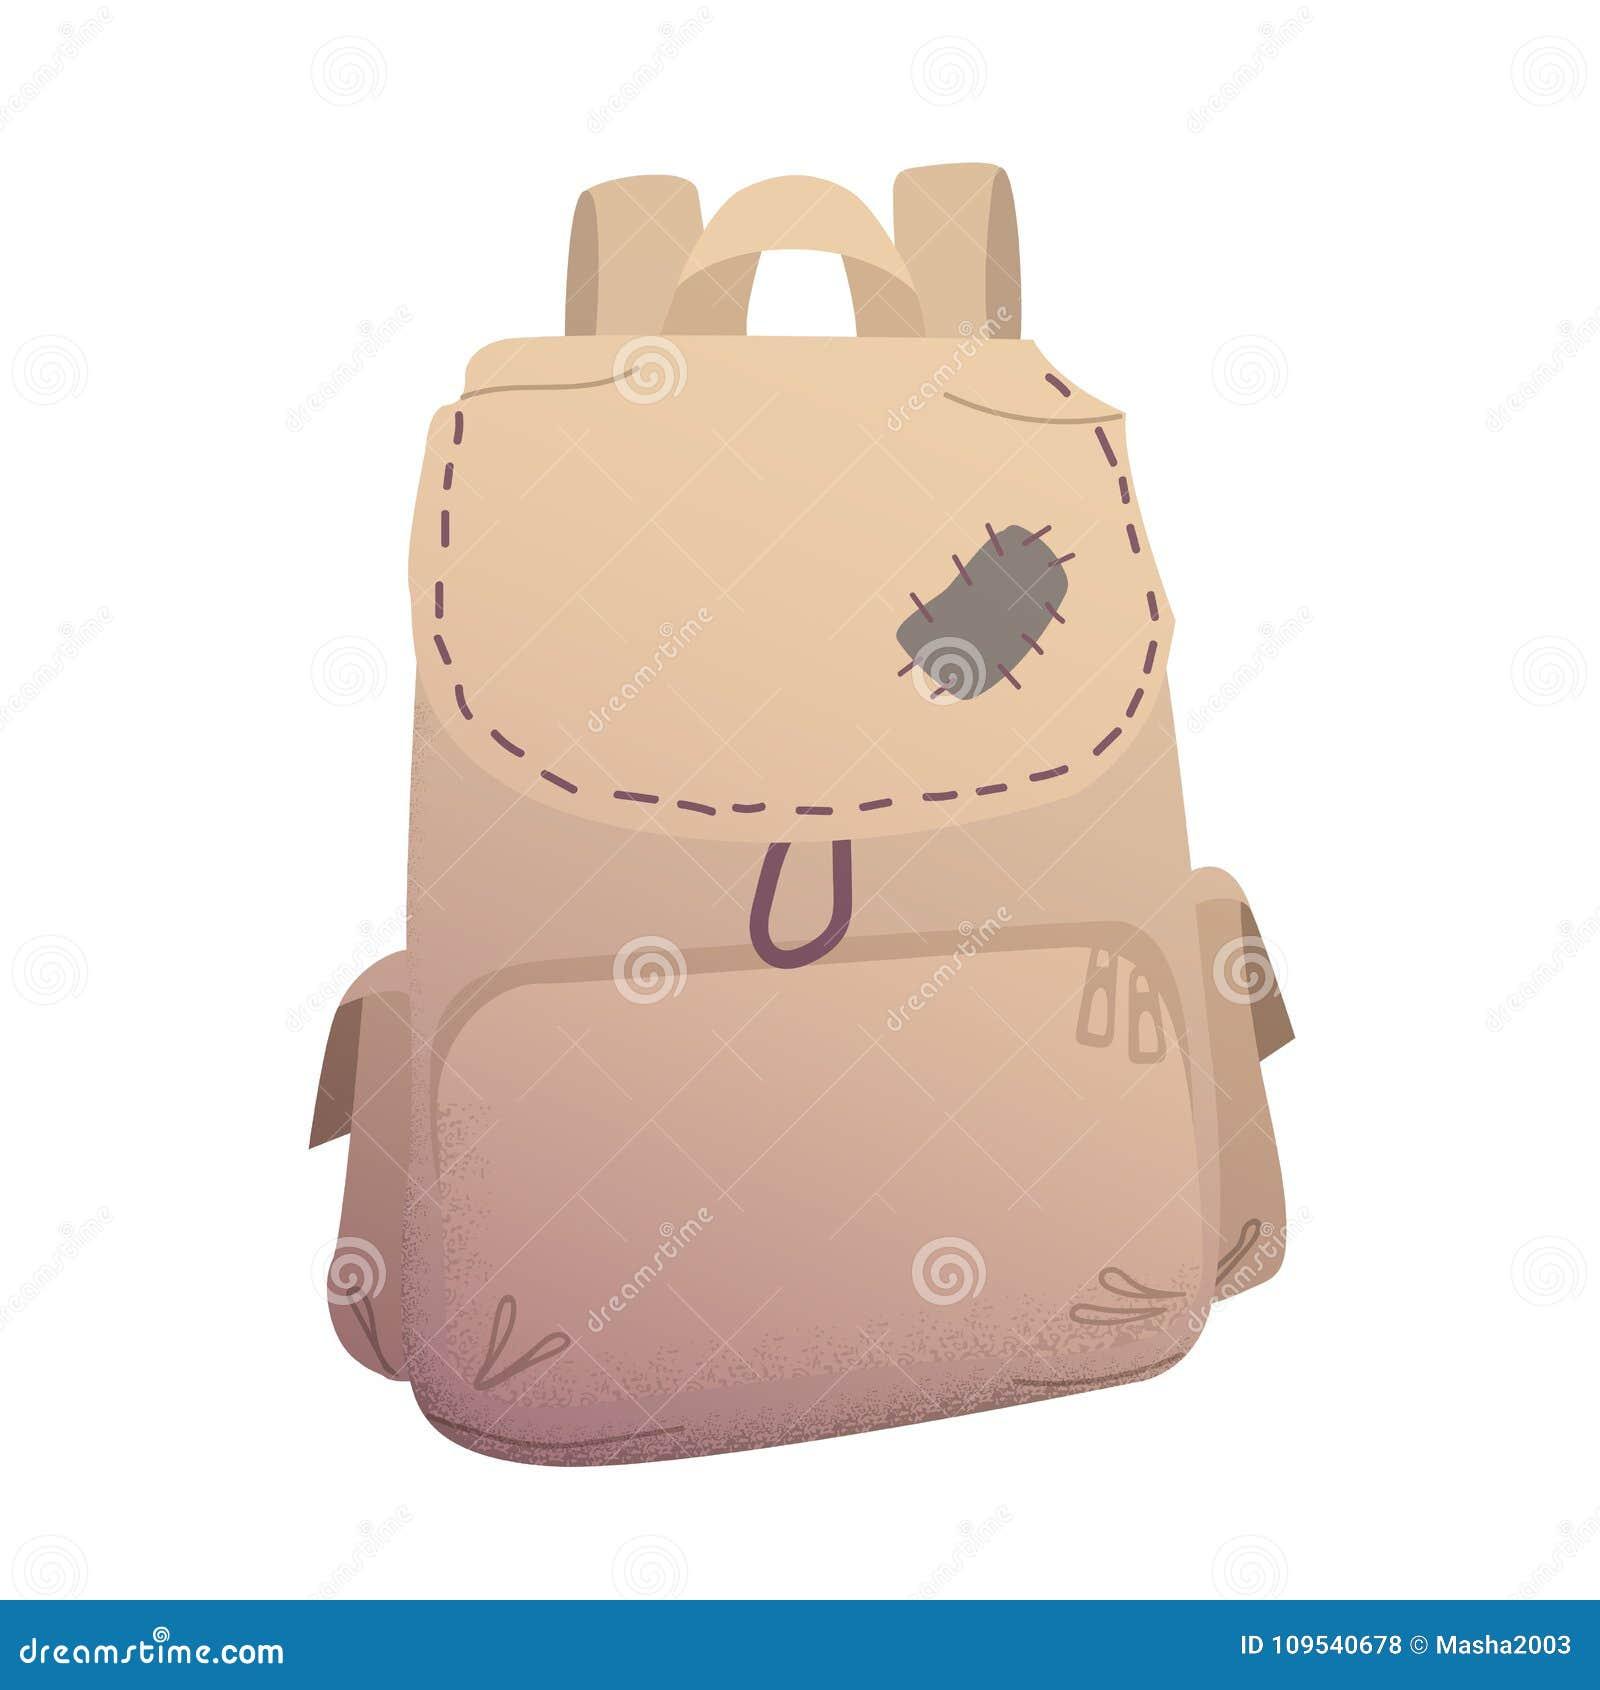 Traveller backpack in beige color illustration